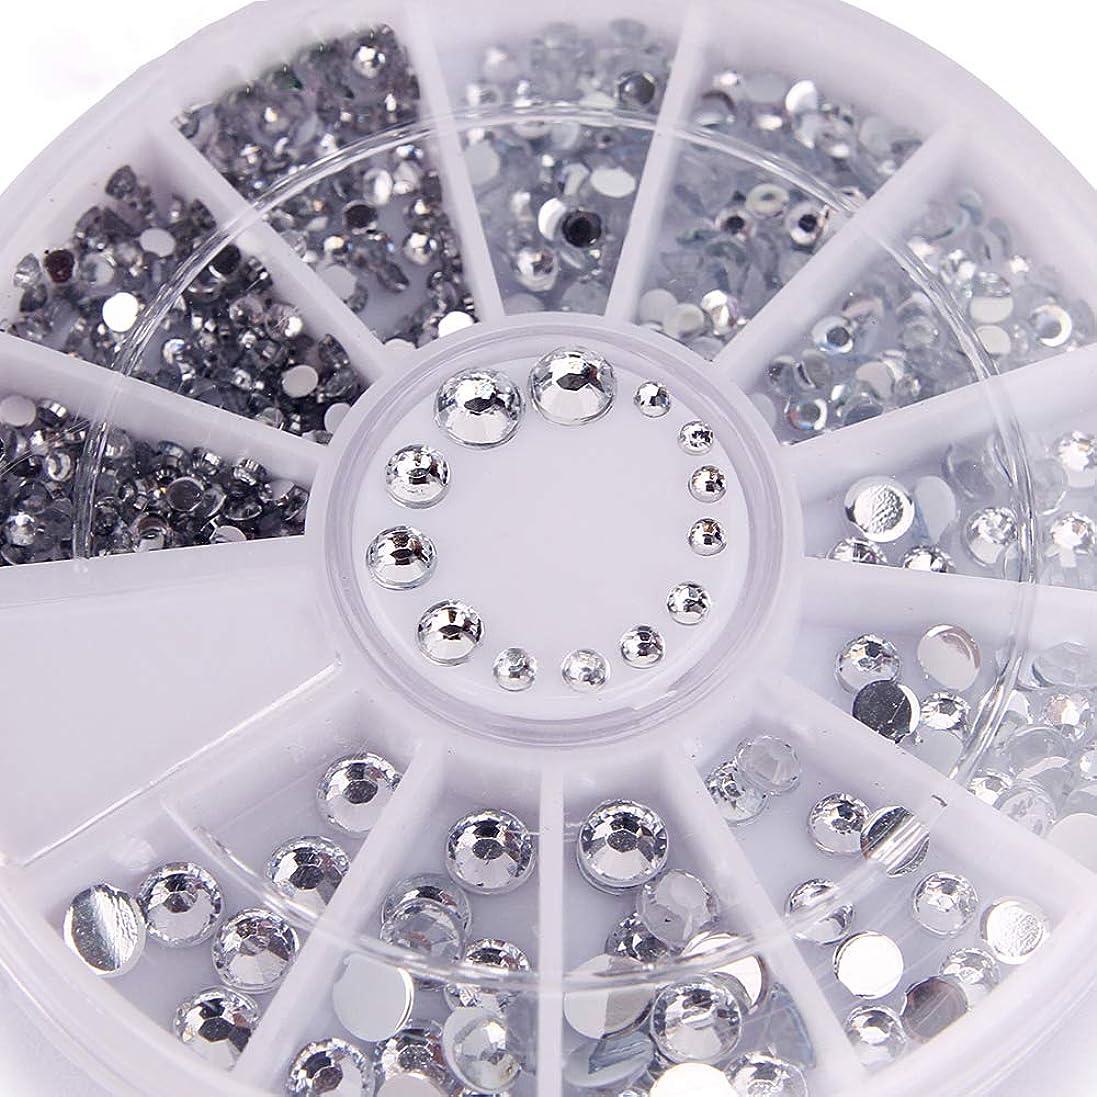 絡まるアームストロング動揺させる400個ネイルラインストーンミックスシルバーラウンドダイヤモンド形状1.2mm/2mm/3mm/4mm 3DネイルデコレーションアクリルUVジェル